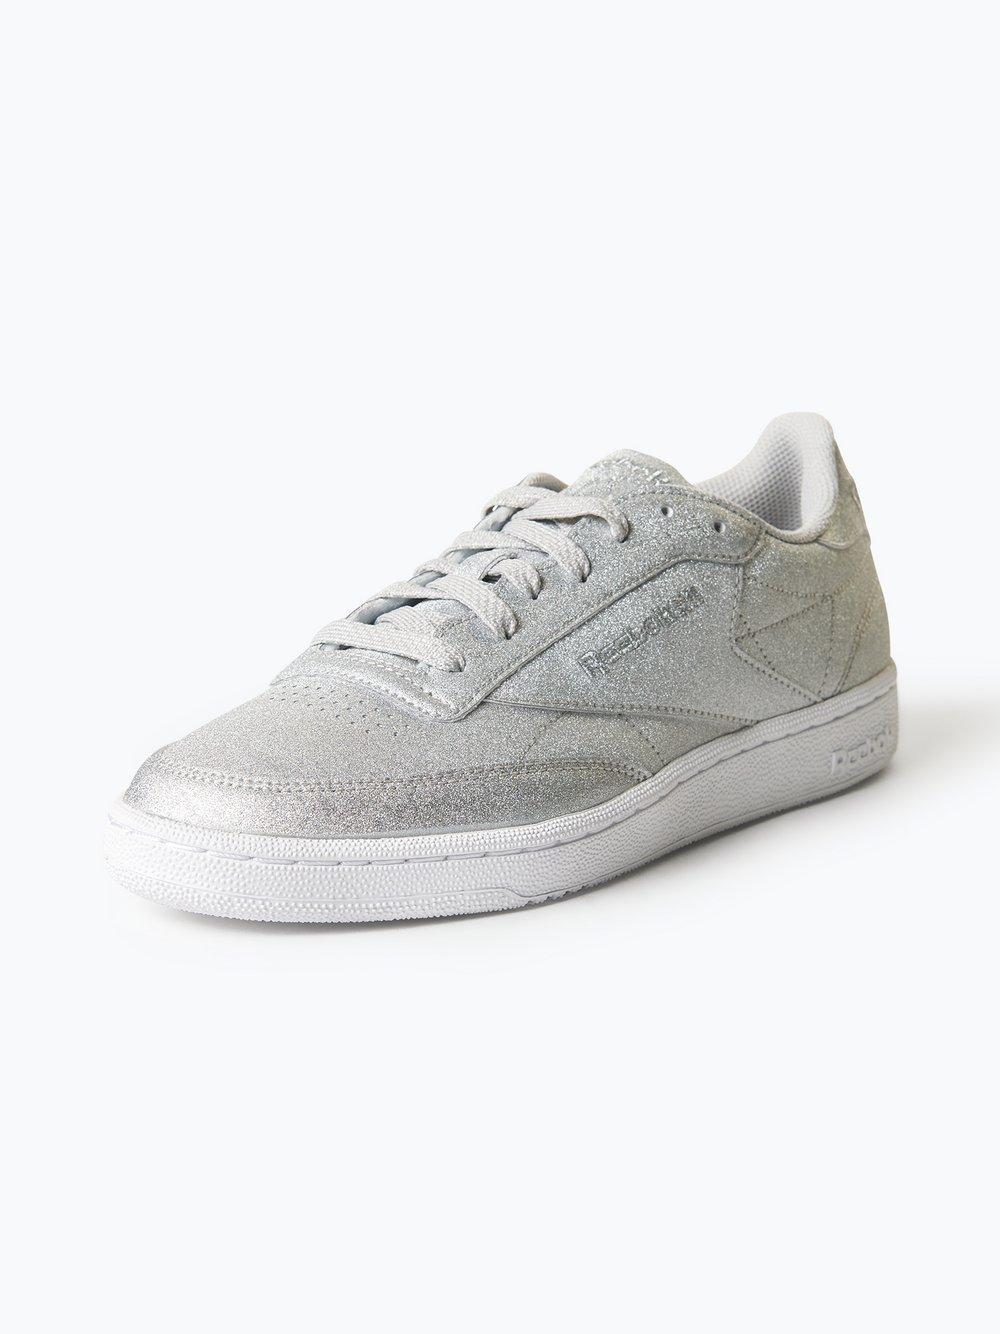 Und Optik Leder Sneaker Kaufen In Peek Online Damen Reebok w71fq